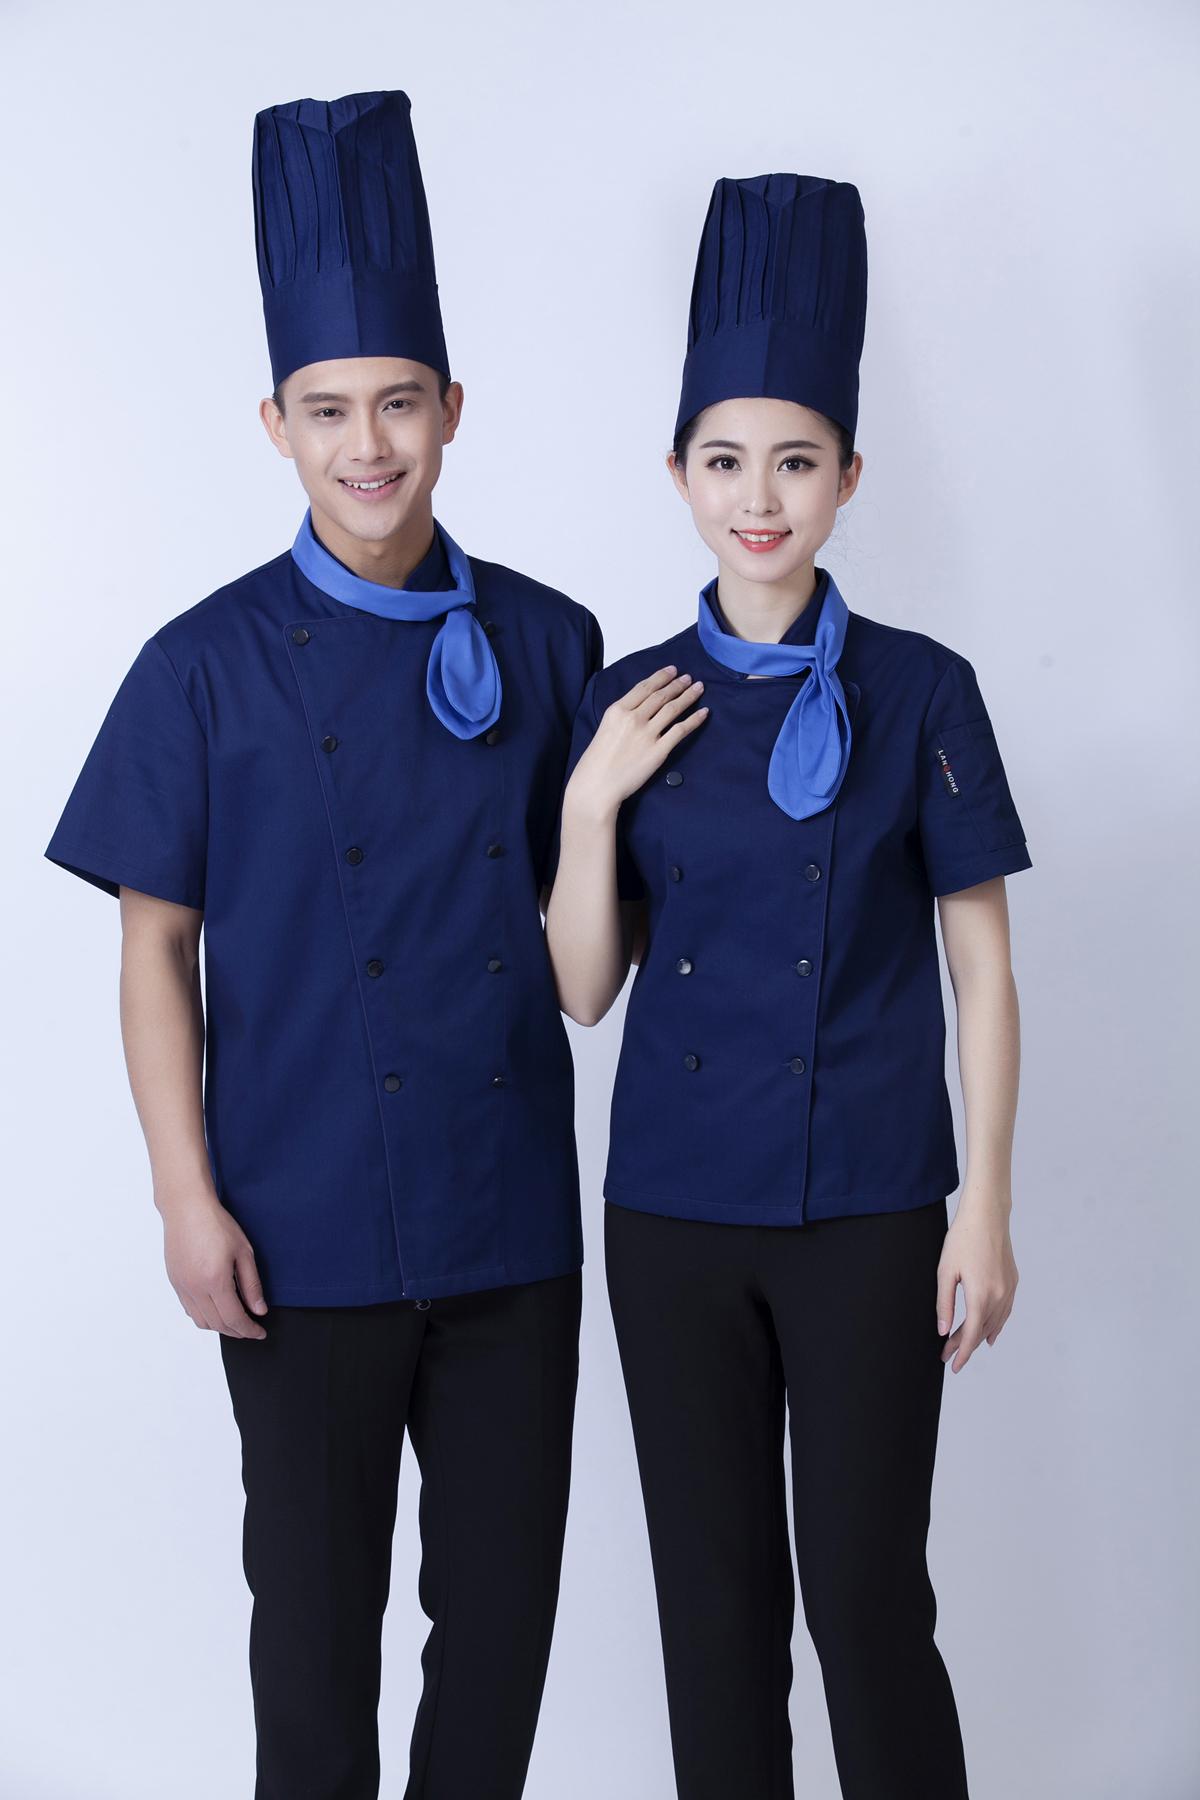 意大利餐厅蛋糕师工作服订做印字厨师服半袖夏装蛋糕服裱花师制服